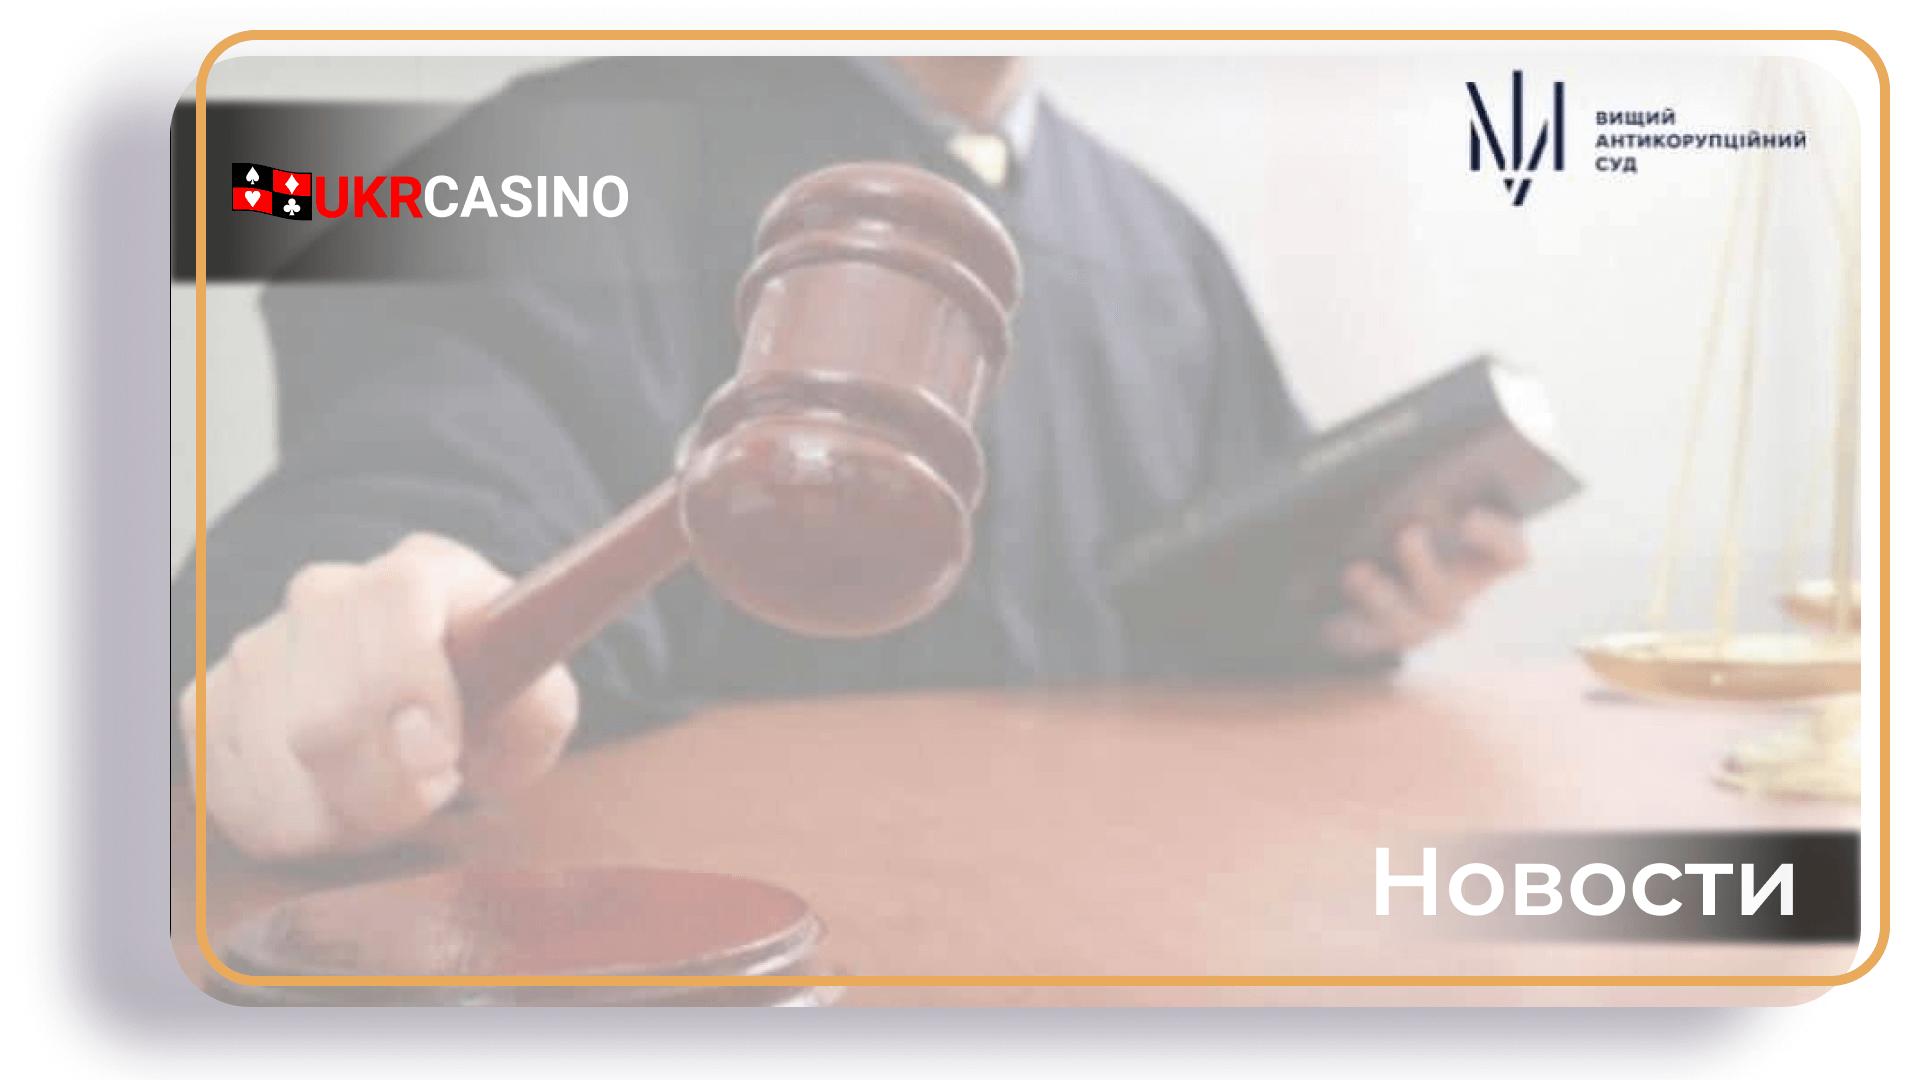 Обыски в Комиссии по азартным играм Украины